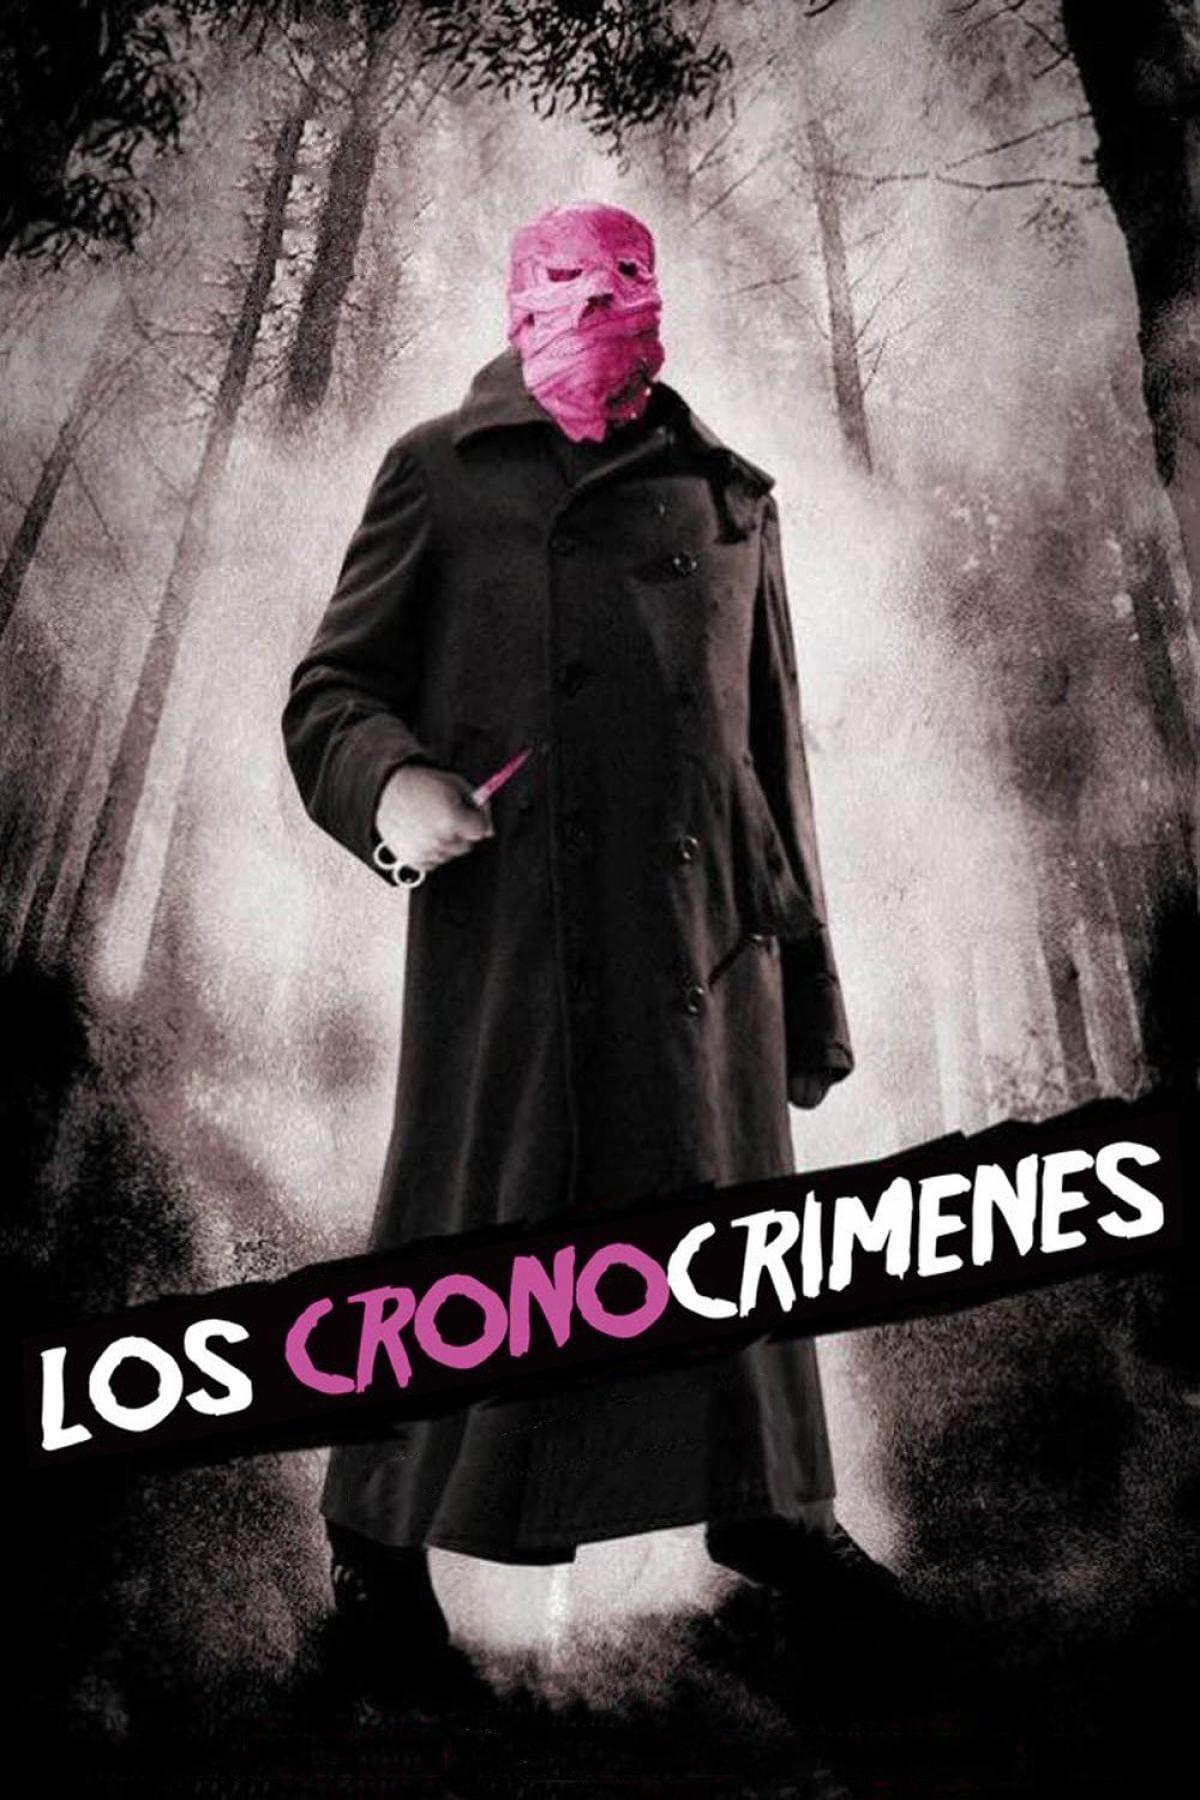 Los cronocrímenes poster